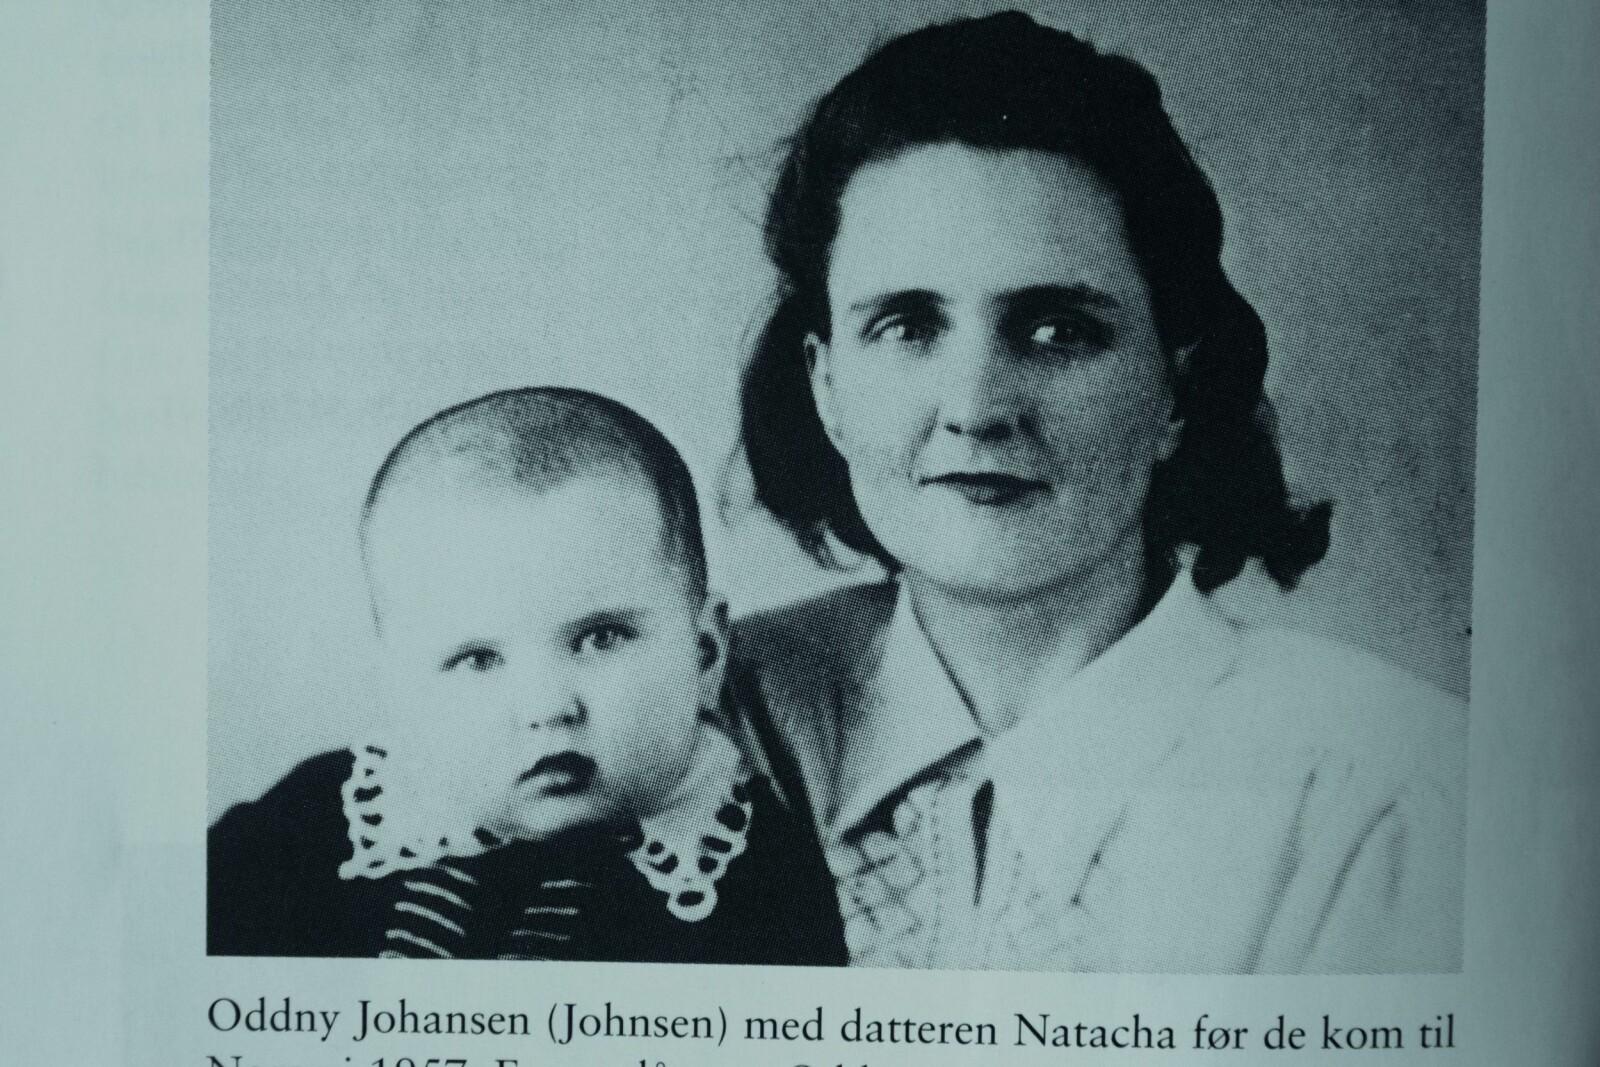 <b>MOR OG DATTER:</b> Oddny Johnsen sammen med datteren Natacha. Bildet er tatt mens sovjetiske myndigheter holdt dem mot sin vilje.